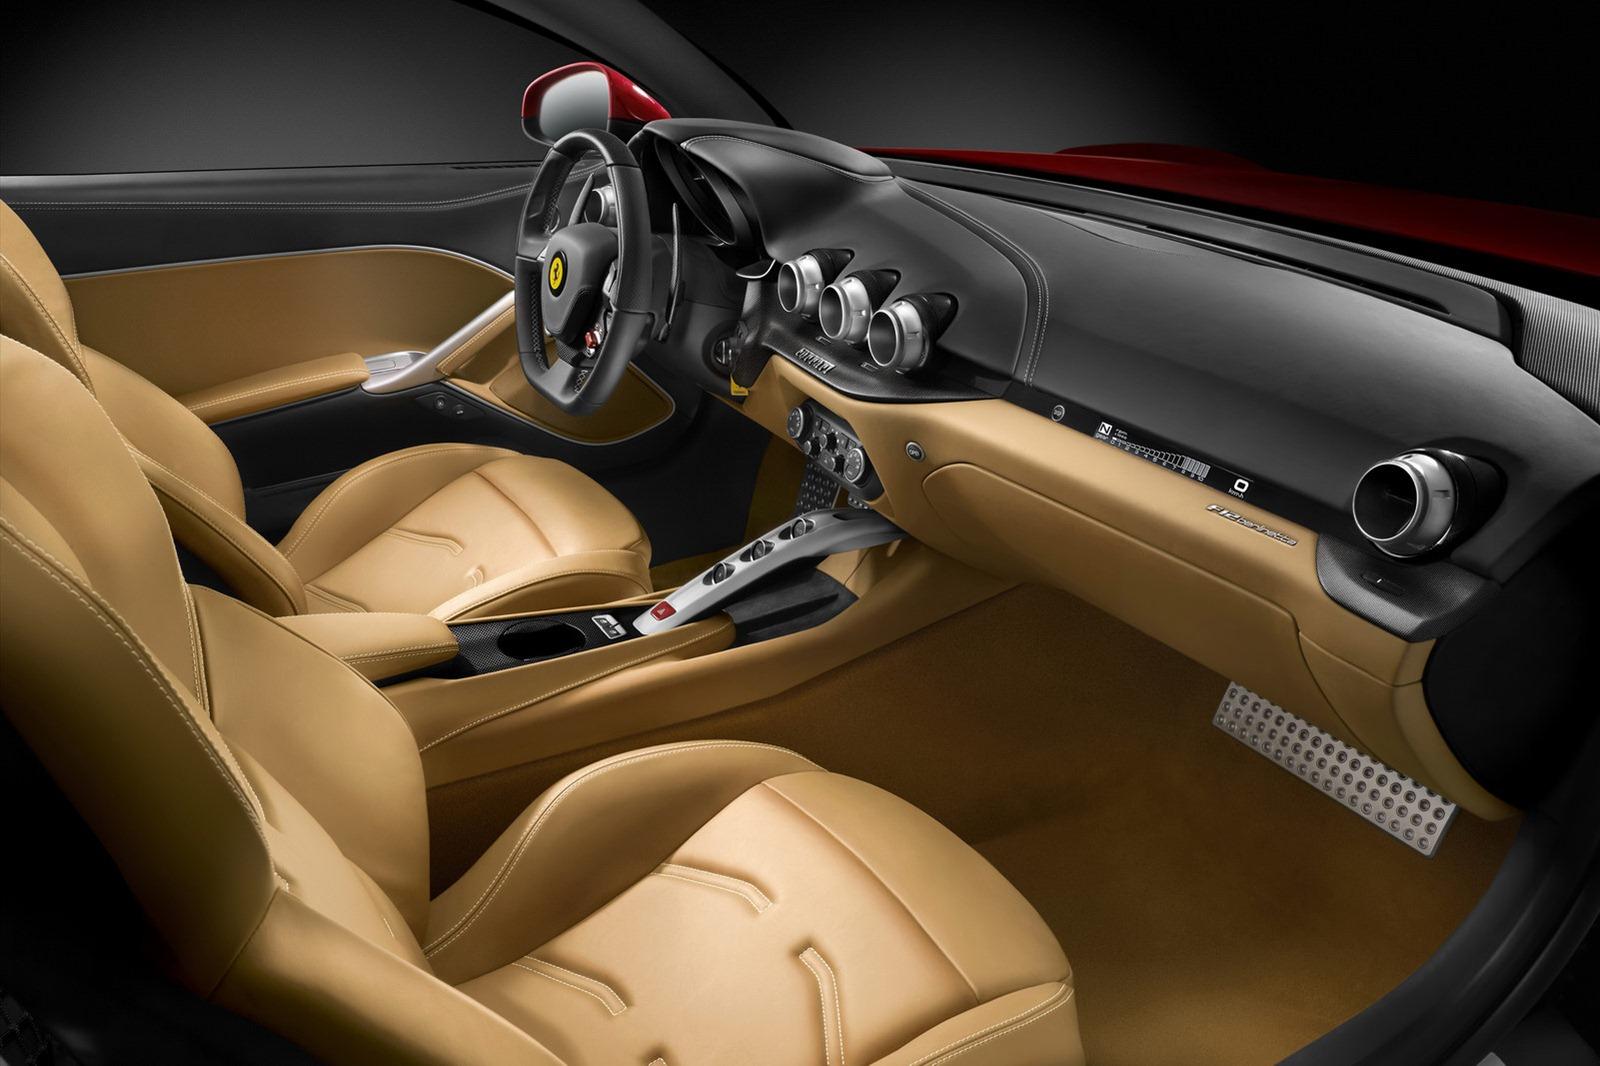 http://3.bp.blogspot.com/-0CRELcENRUo/T2QdrzwhC2I/AAAAAAAAClo/3xW_FD42vU4/s1600/Ferrari-F12Berlinetta-wallpaper_6.jpg